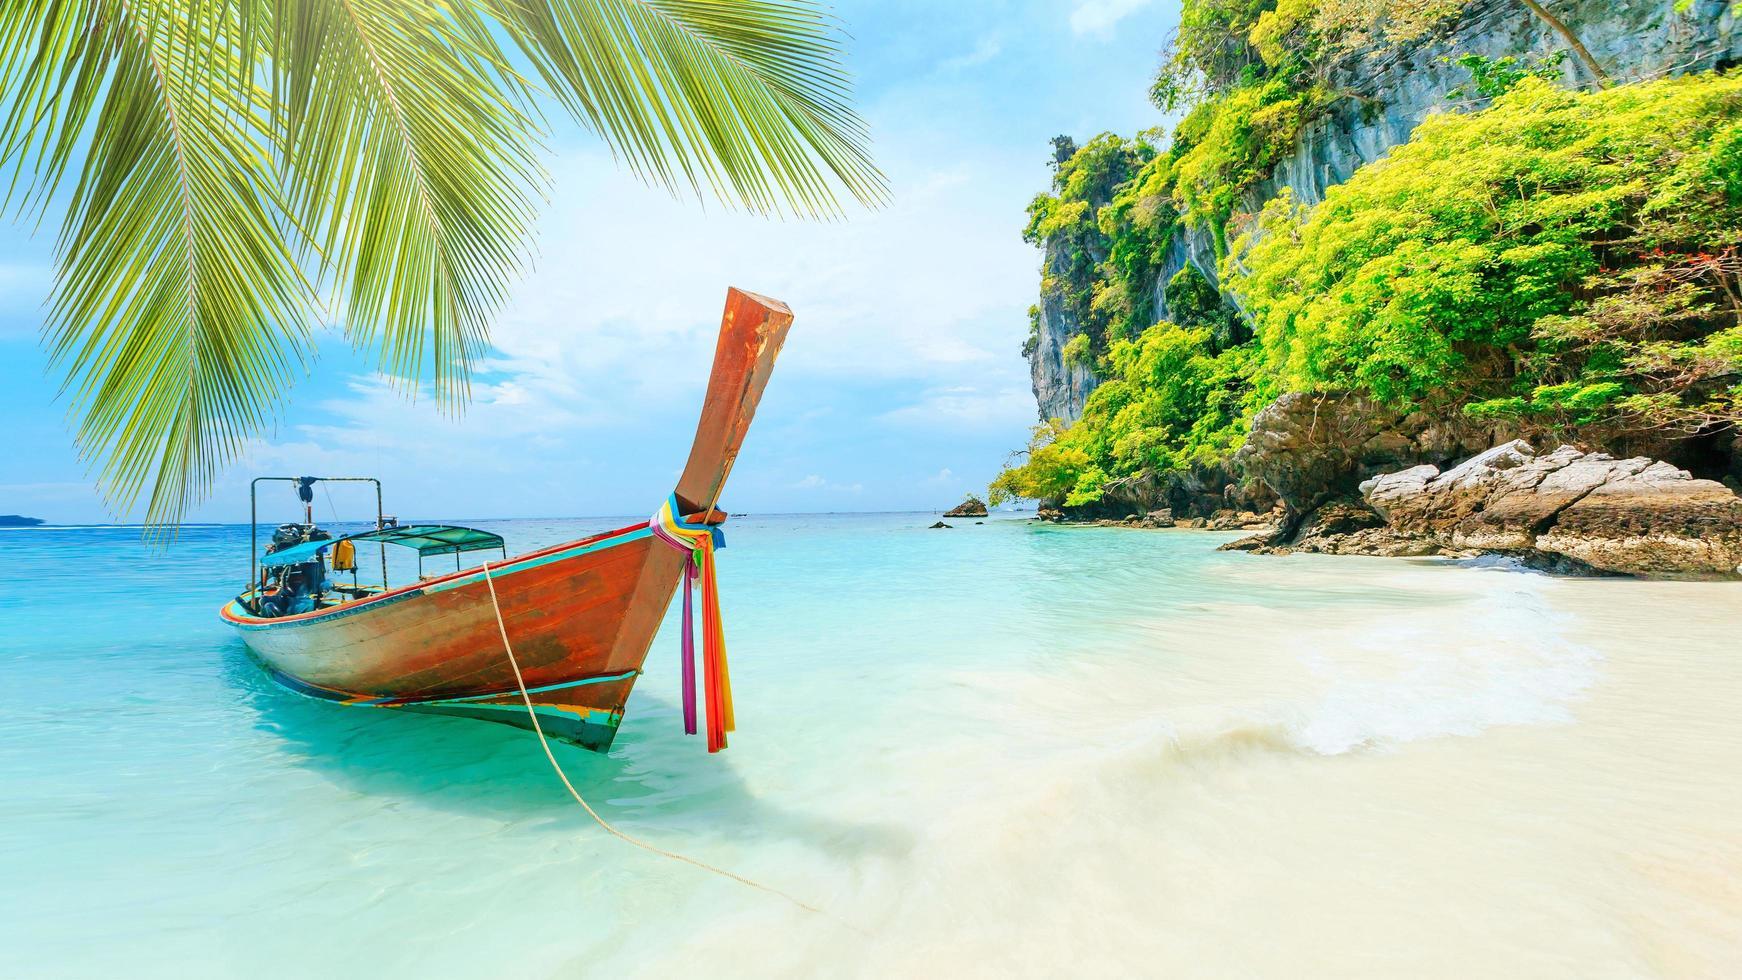 barco de conto longo na praia branca em phuket, Tailândia foto